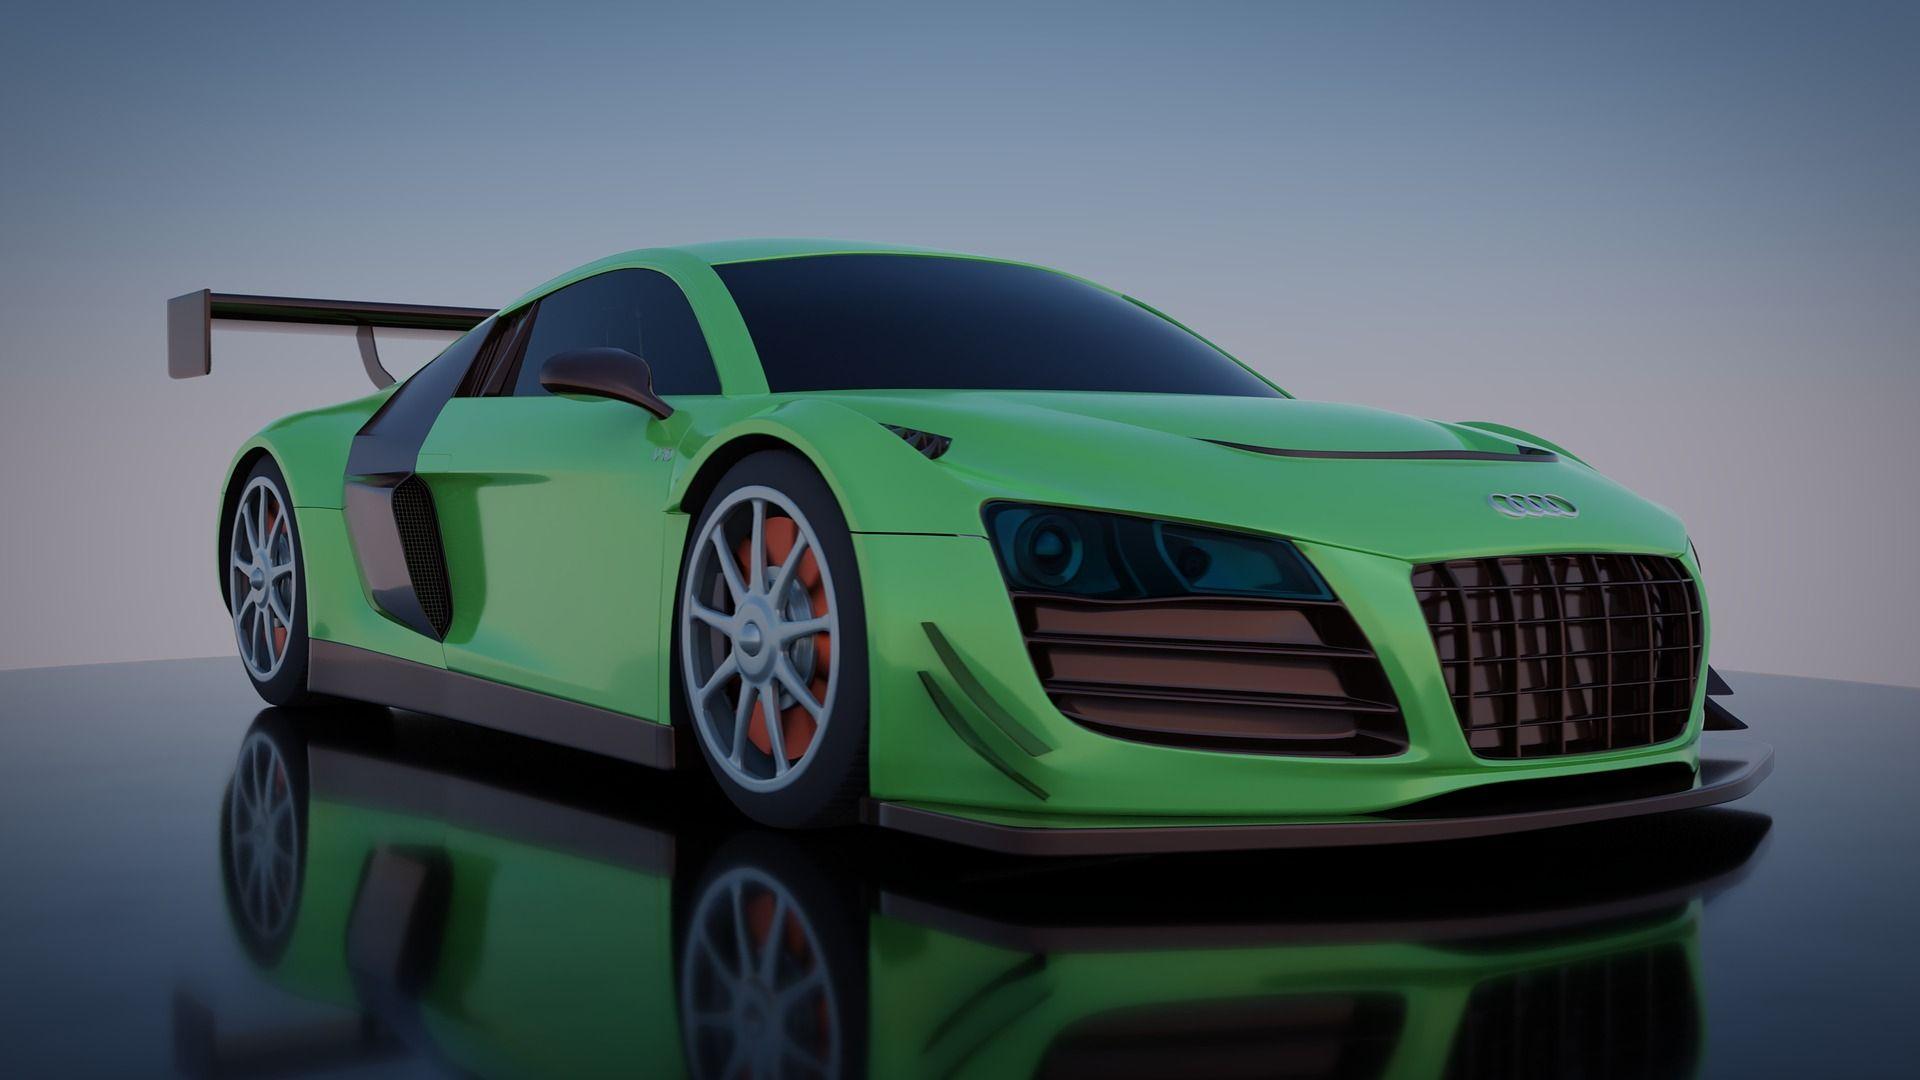 Top 19 Amazing Audi Car Wallpapers For Desktop Audi Cars Audi Car